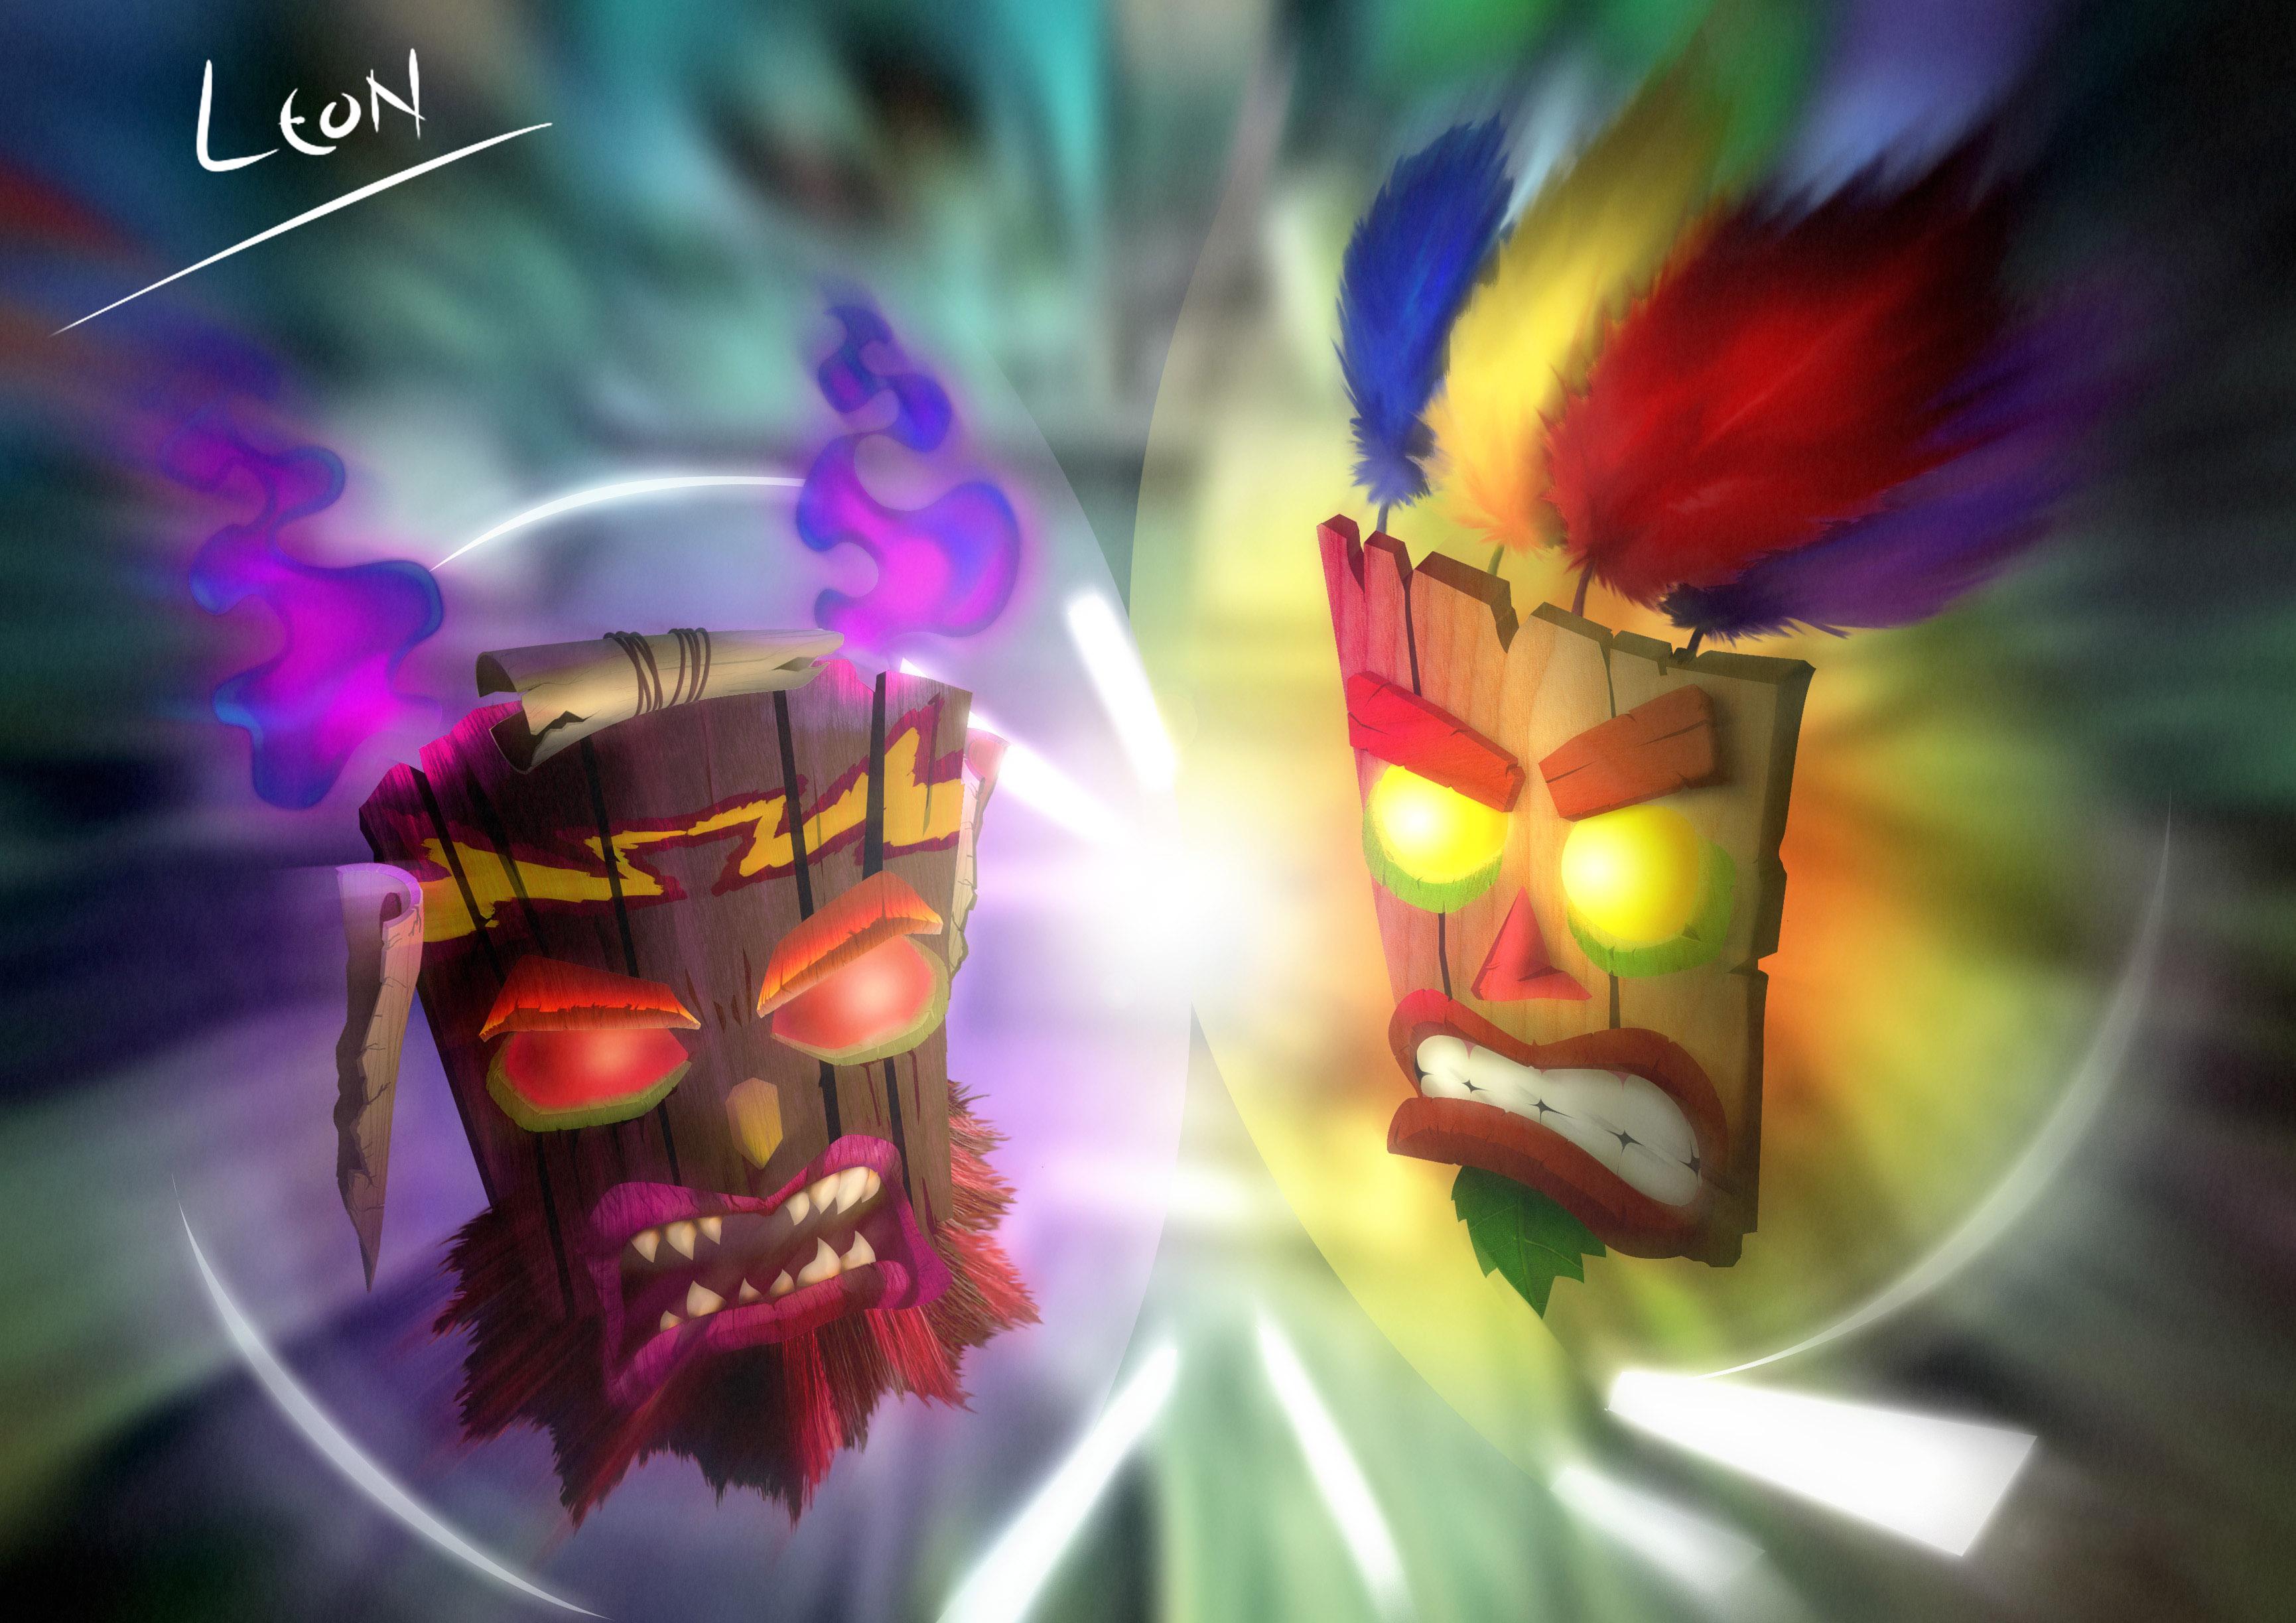 Aku-Aku vs Uka-Uka